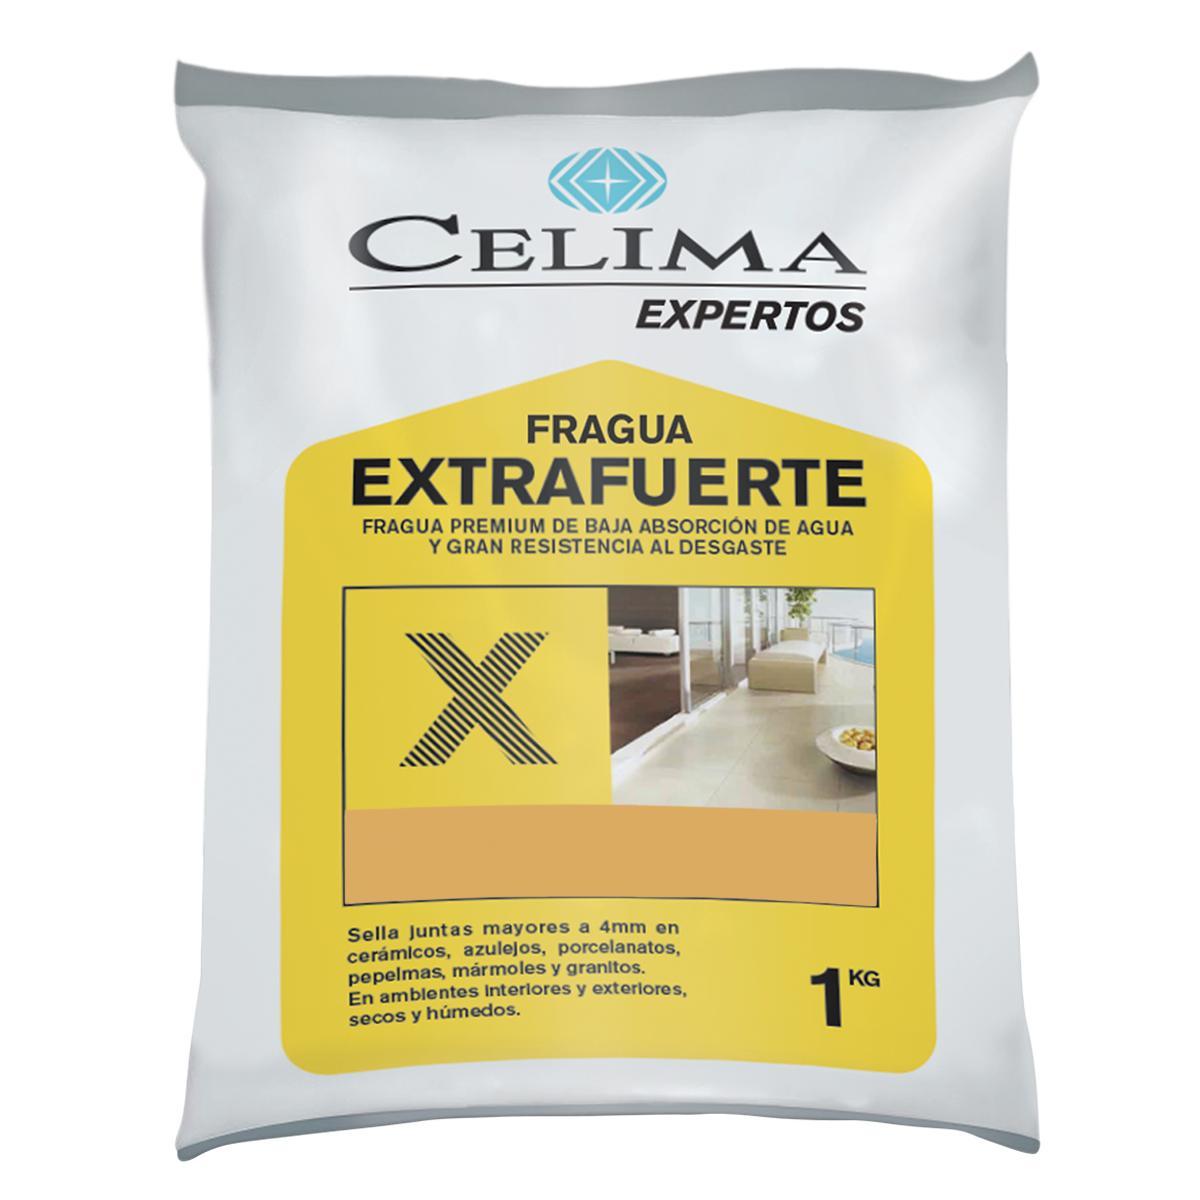 Fragua Premium Extrafuerte Avellana - 1 KG